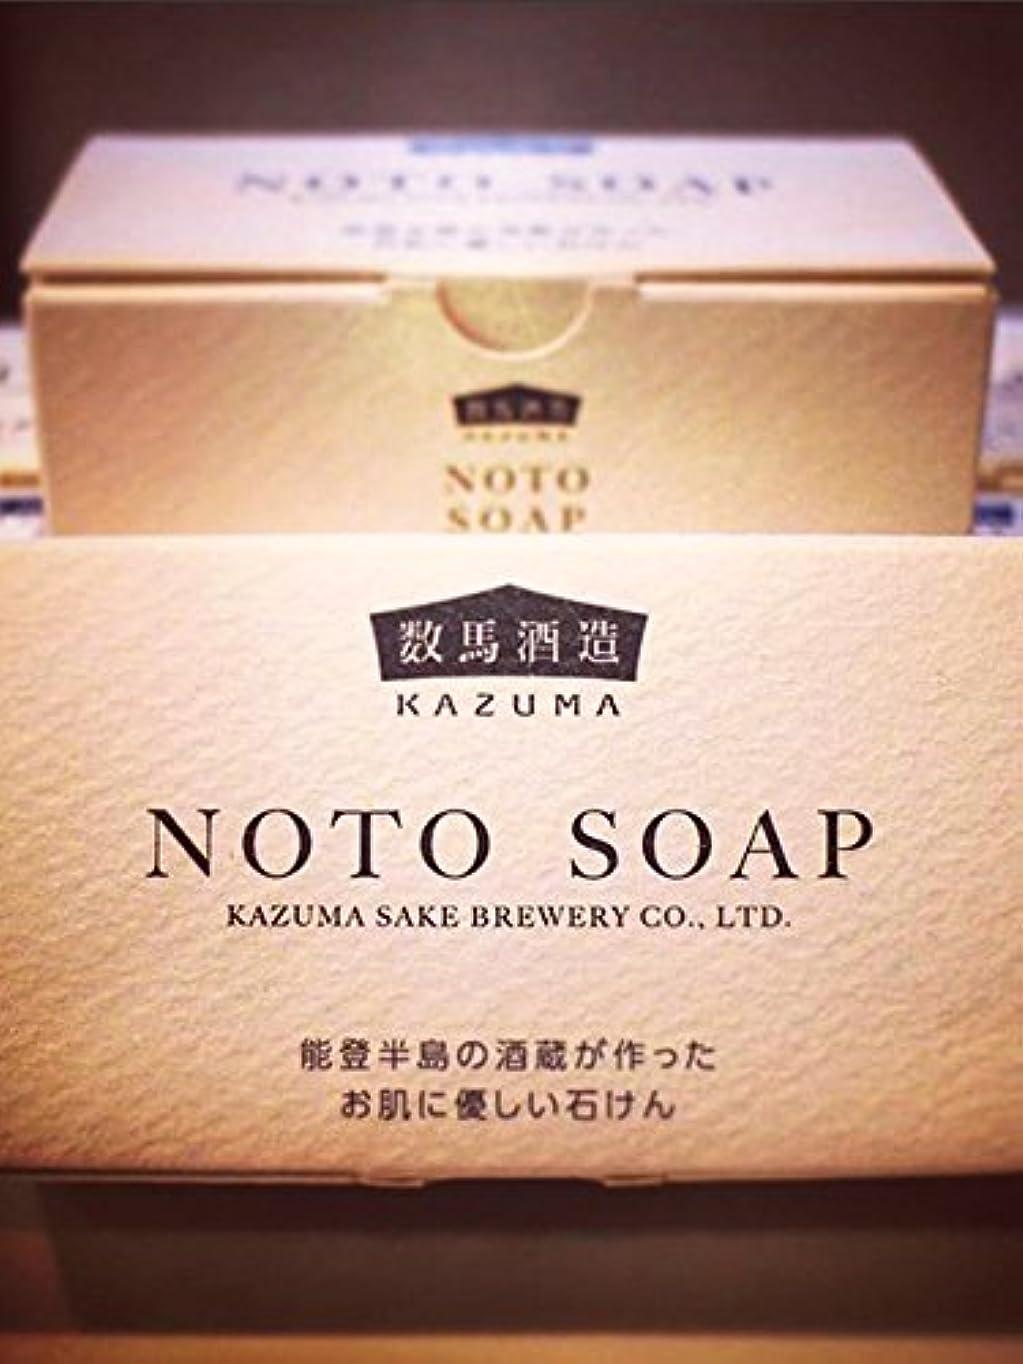 技術的な反論者小川竹葉 NOTO SOAP 酒粕石鹸 1個80g